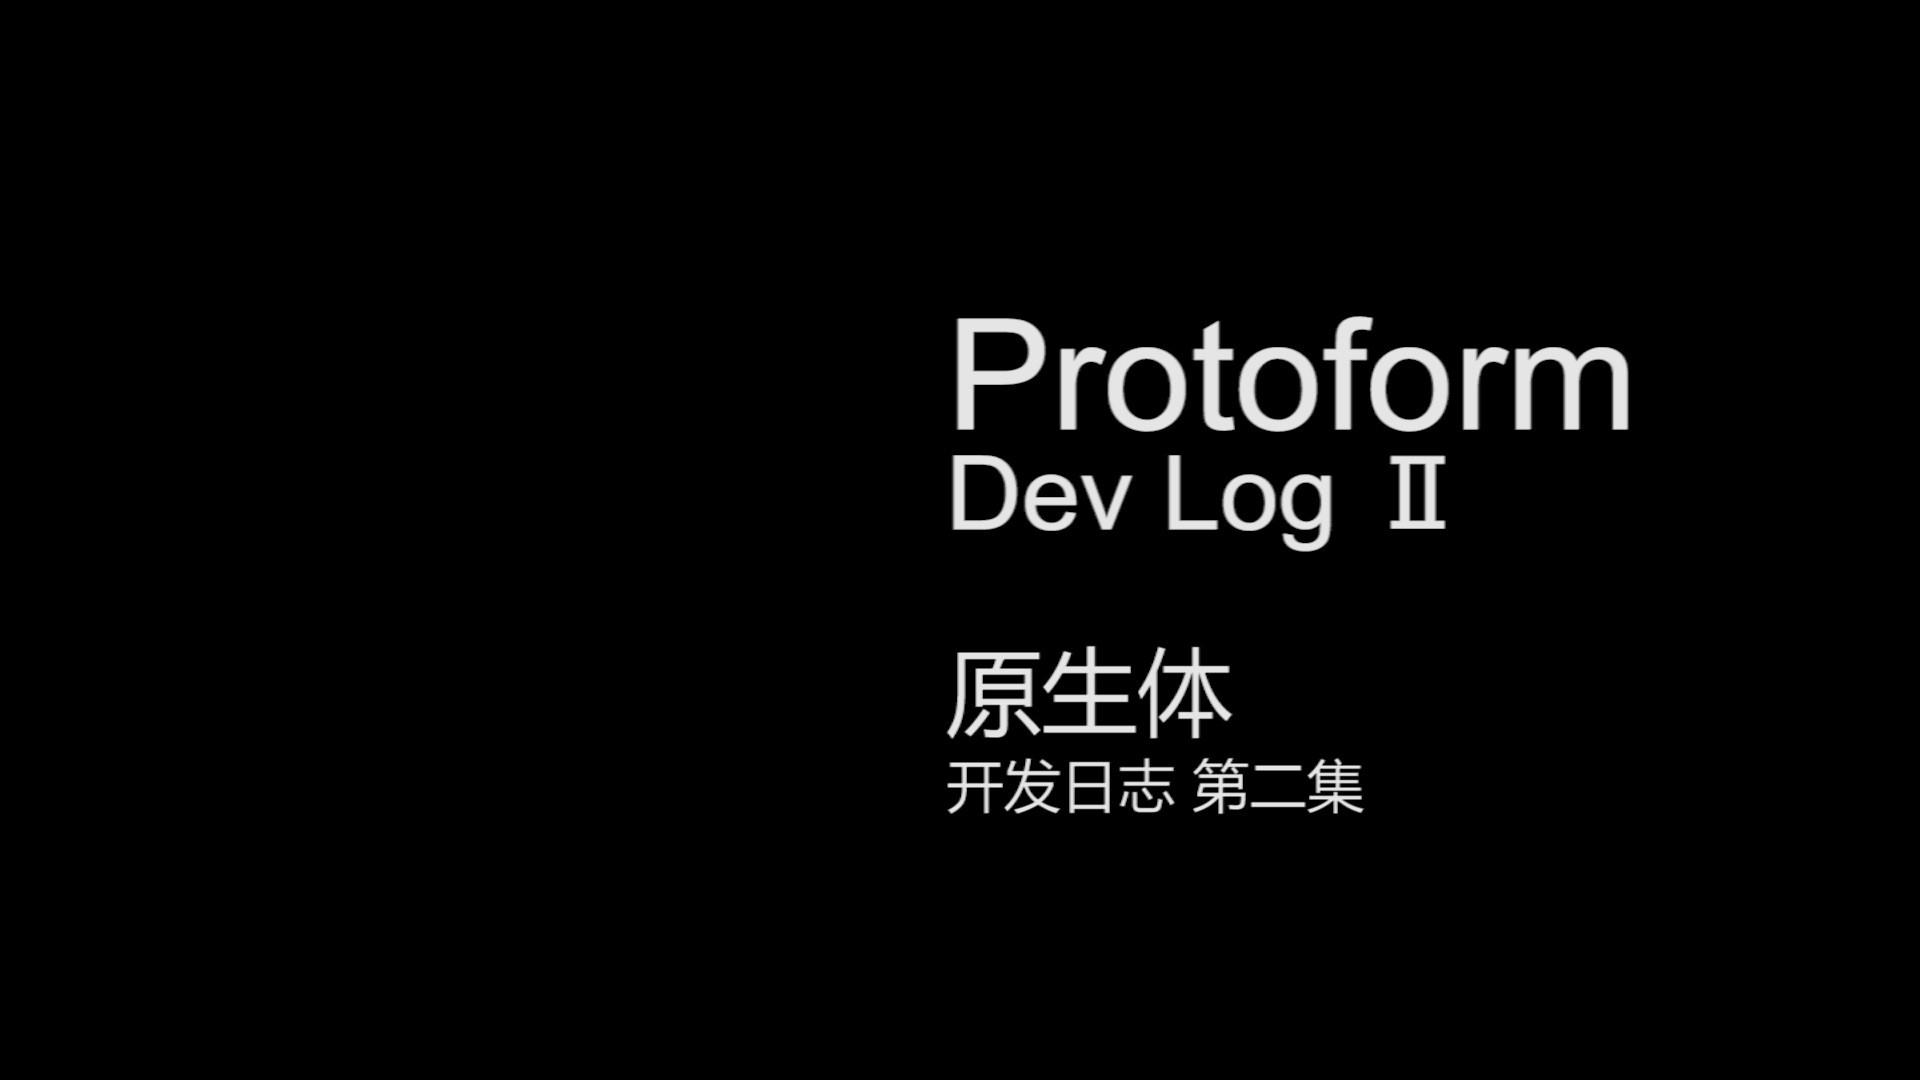 protoformv2.jpg